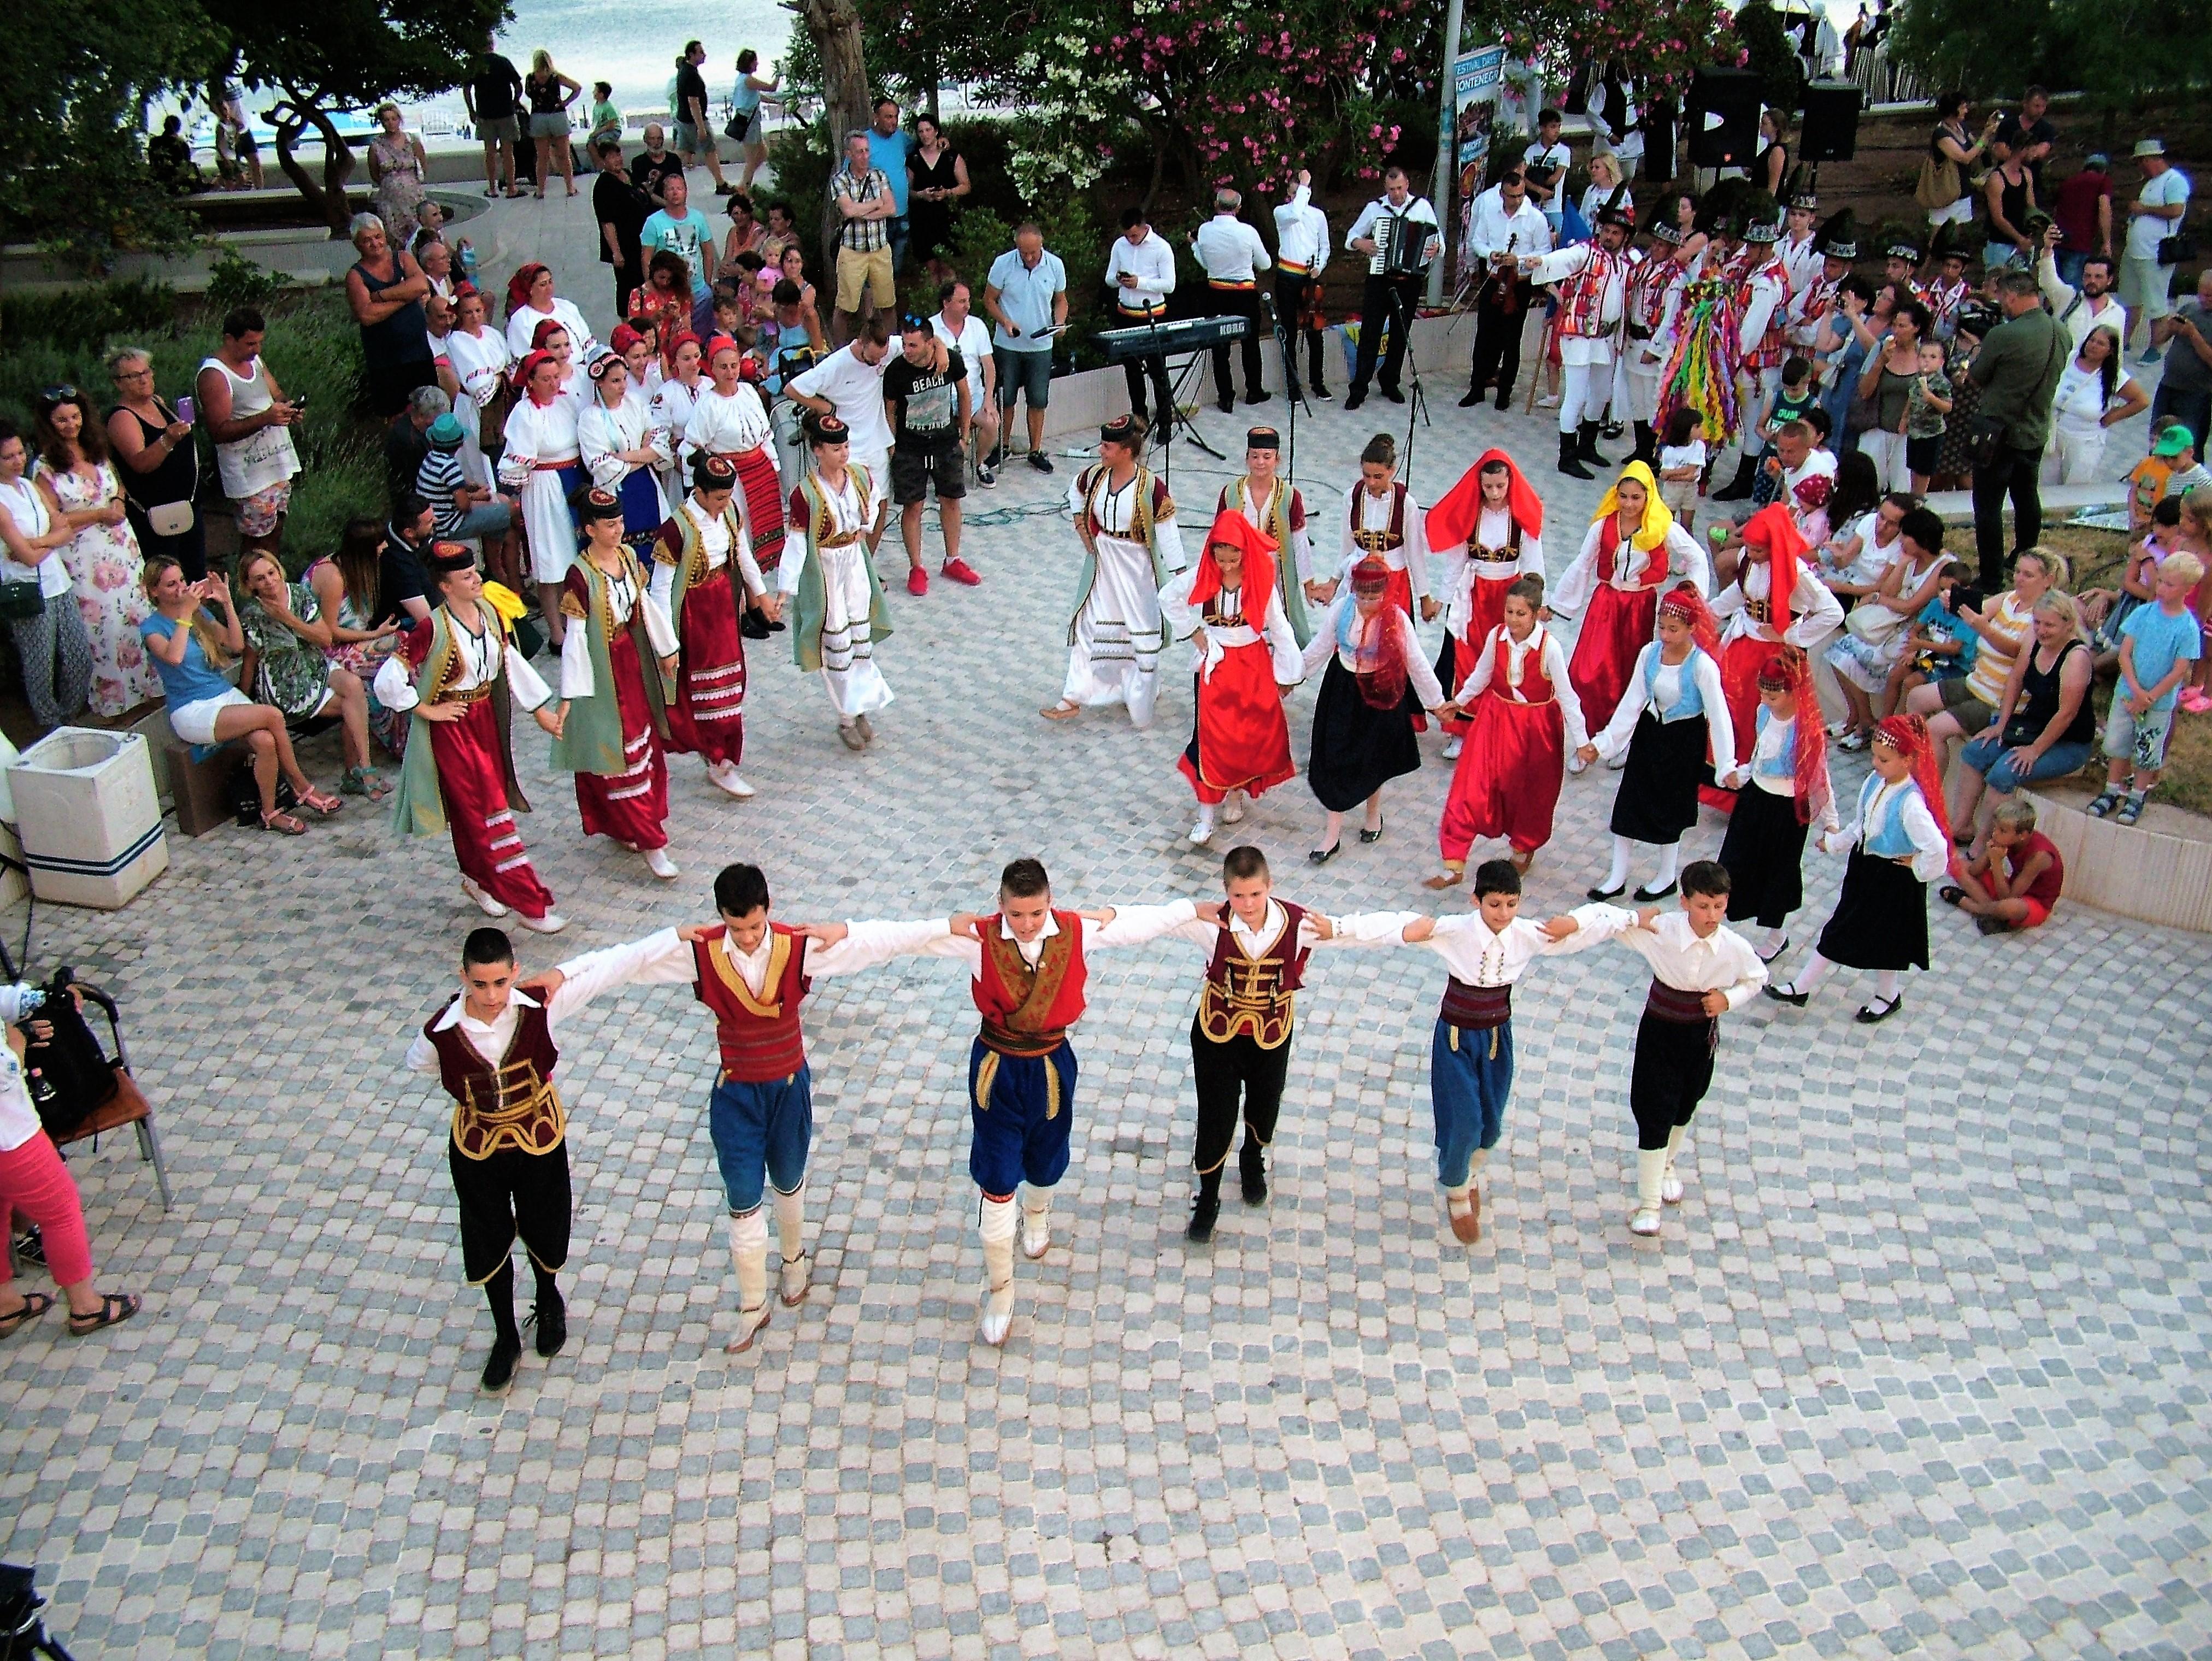 okupljena publika posmatra ucesnike medjunarodnog folklornog festivala 2019 petrovac